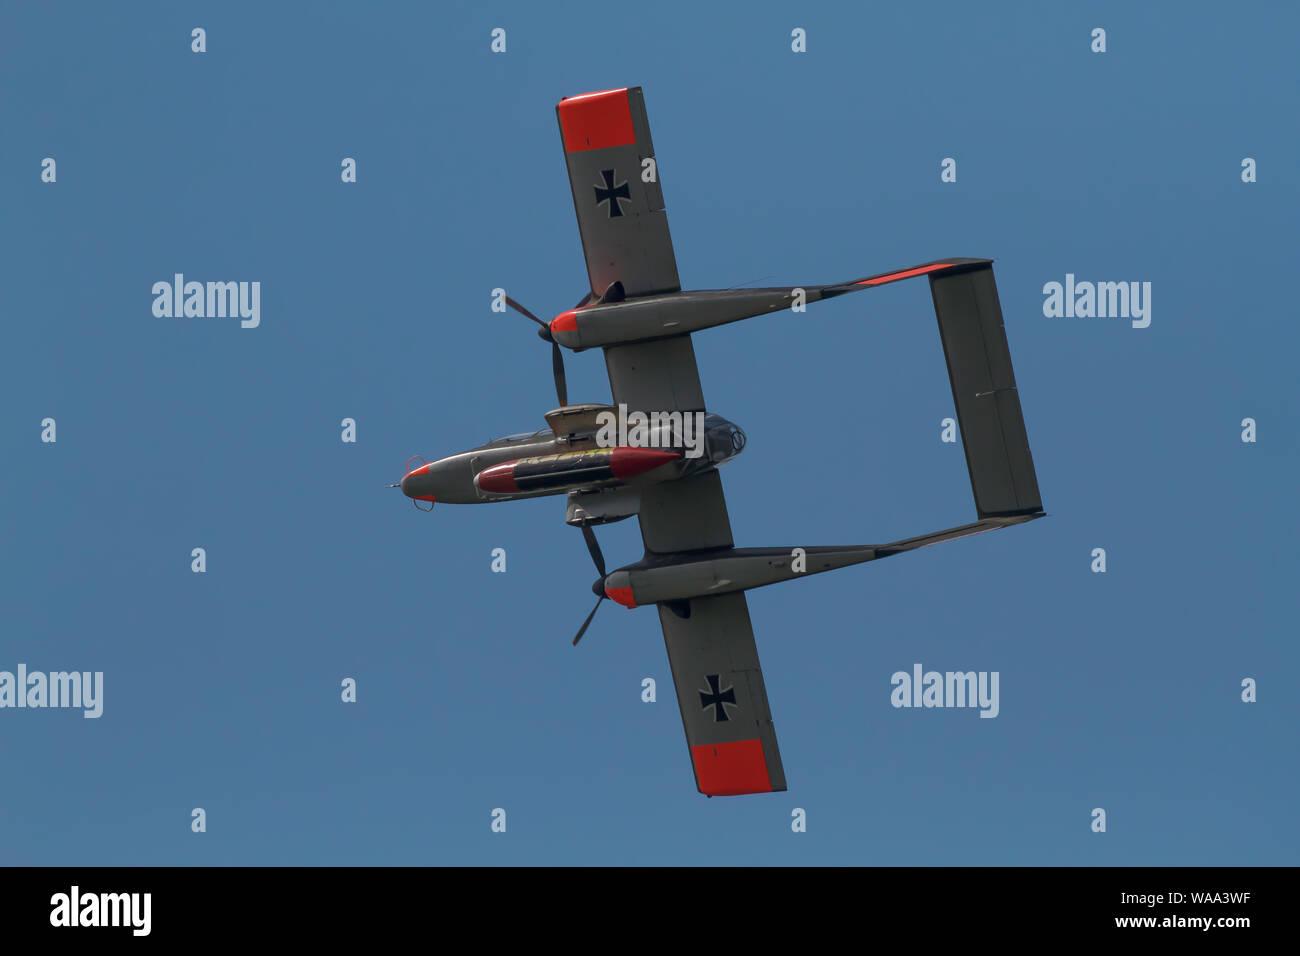 Biggin Hill Festival Of Flight >> North American Rockwell Ov 10 Bronco Displays As The Biggin